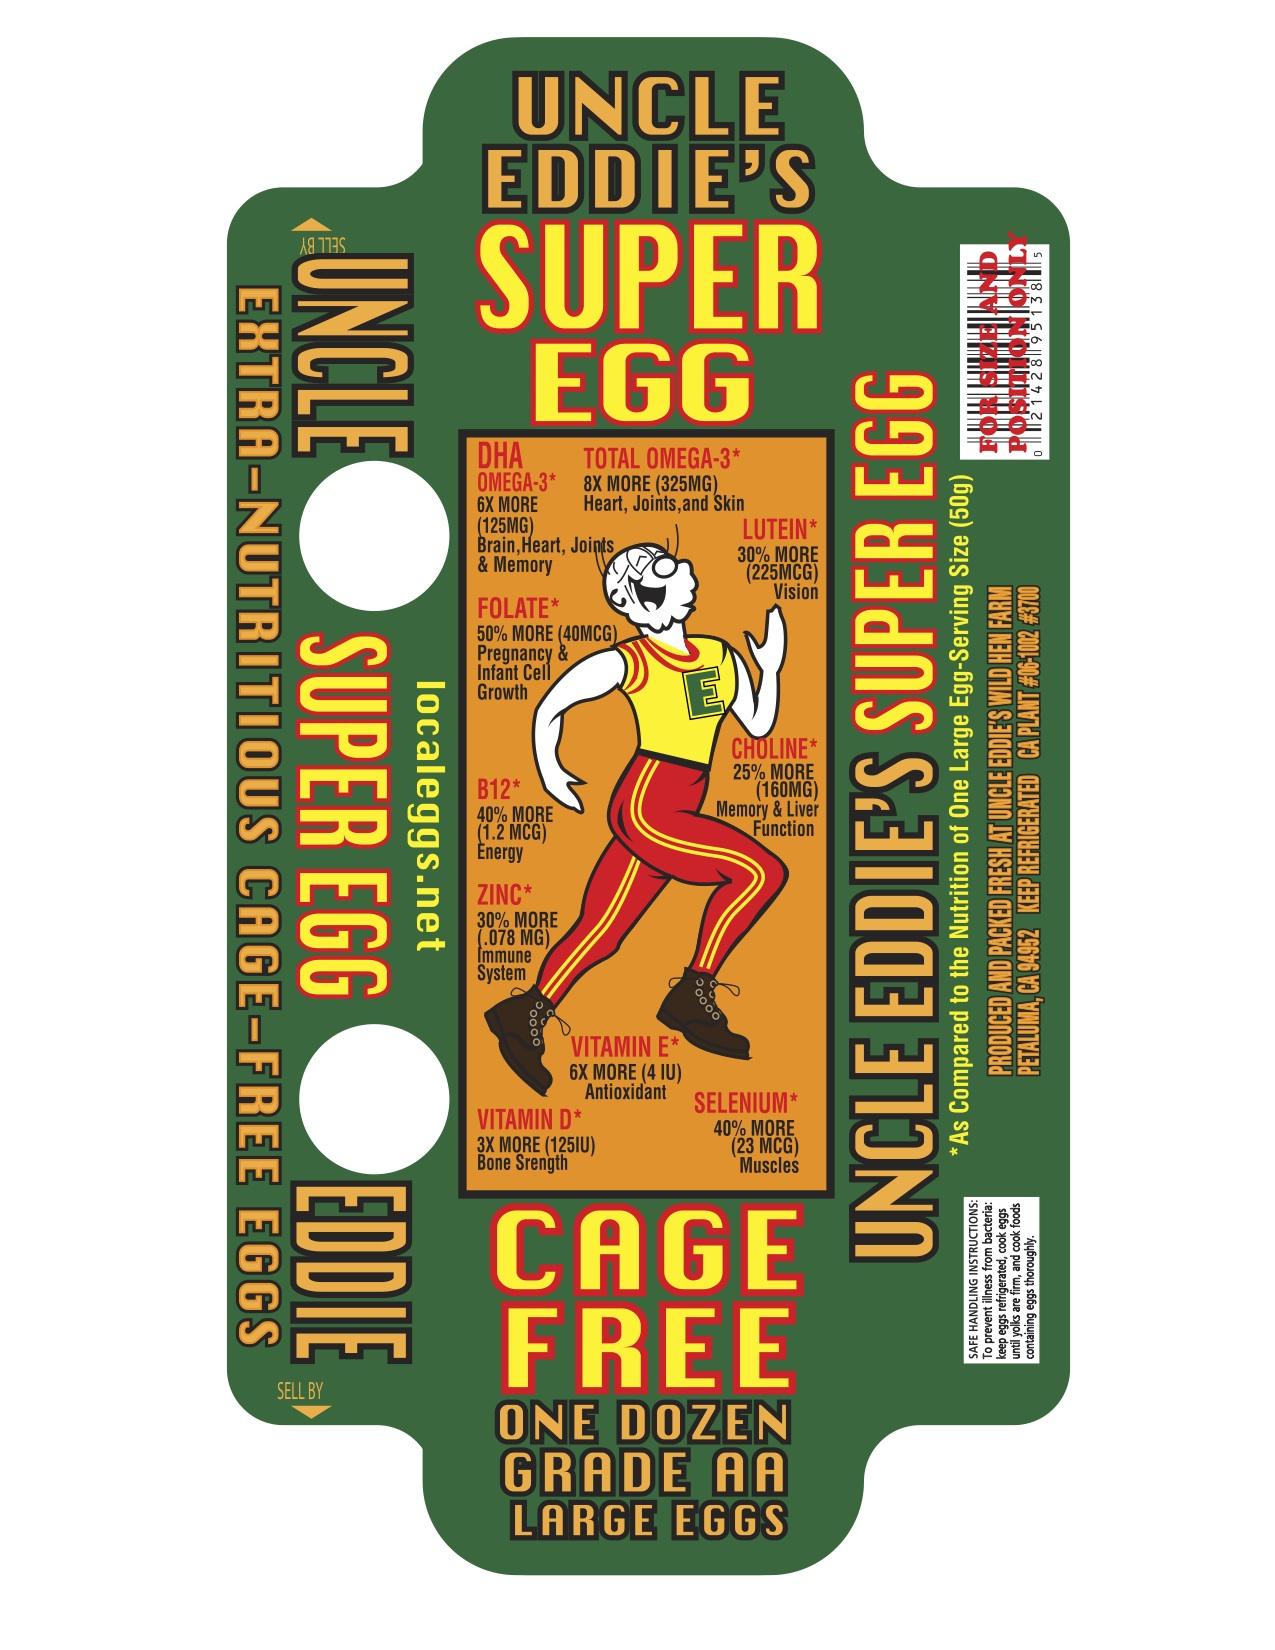 Uncle Eddies Super Egg